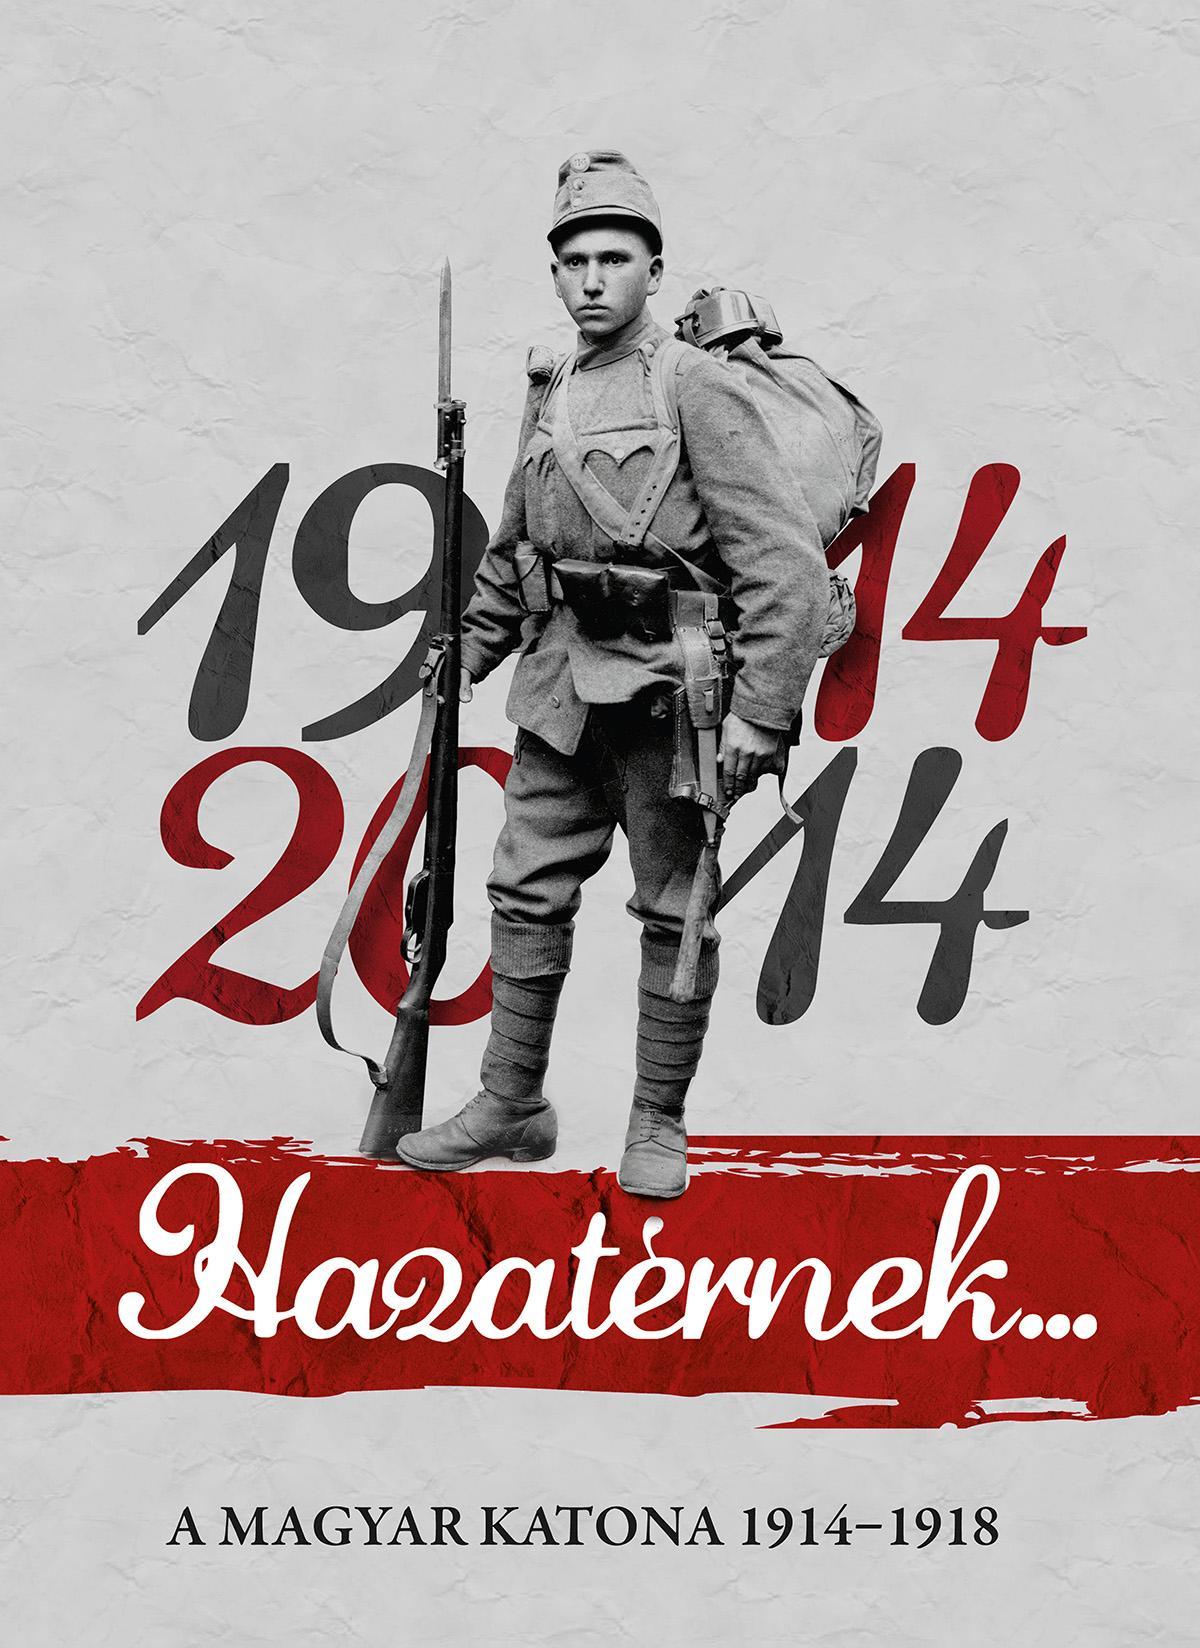 HAZATÉRNEK... 1914-2014 - A MAGYAR KATONA 1914-1918